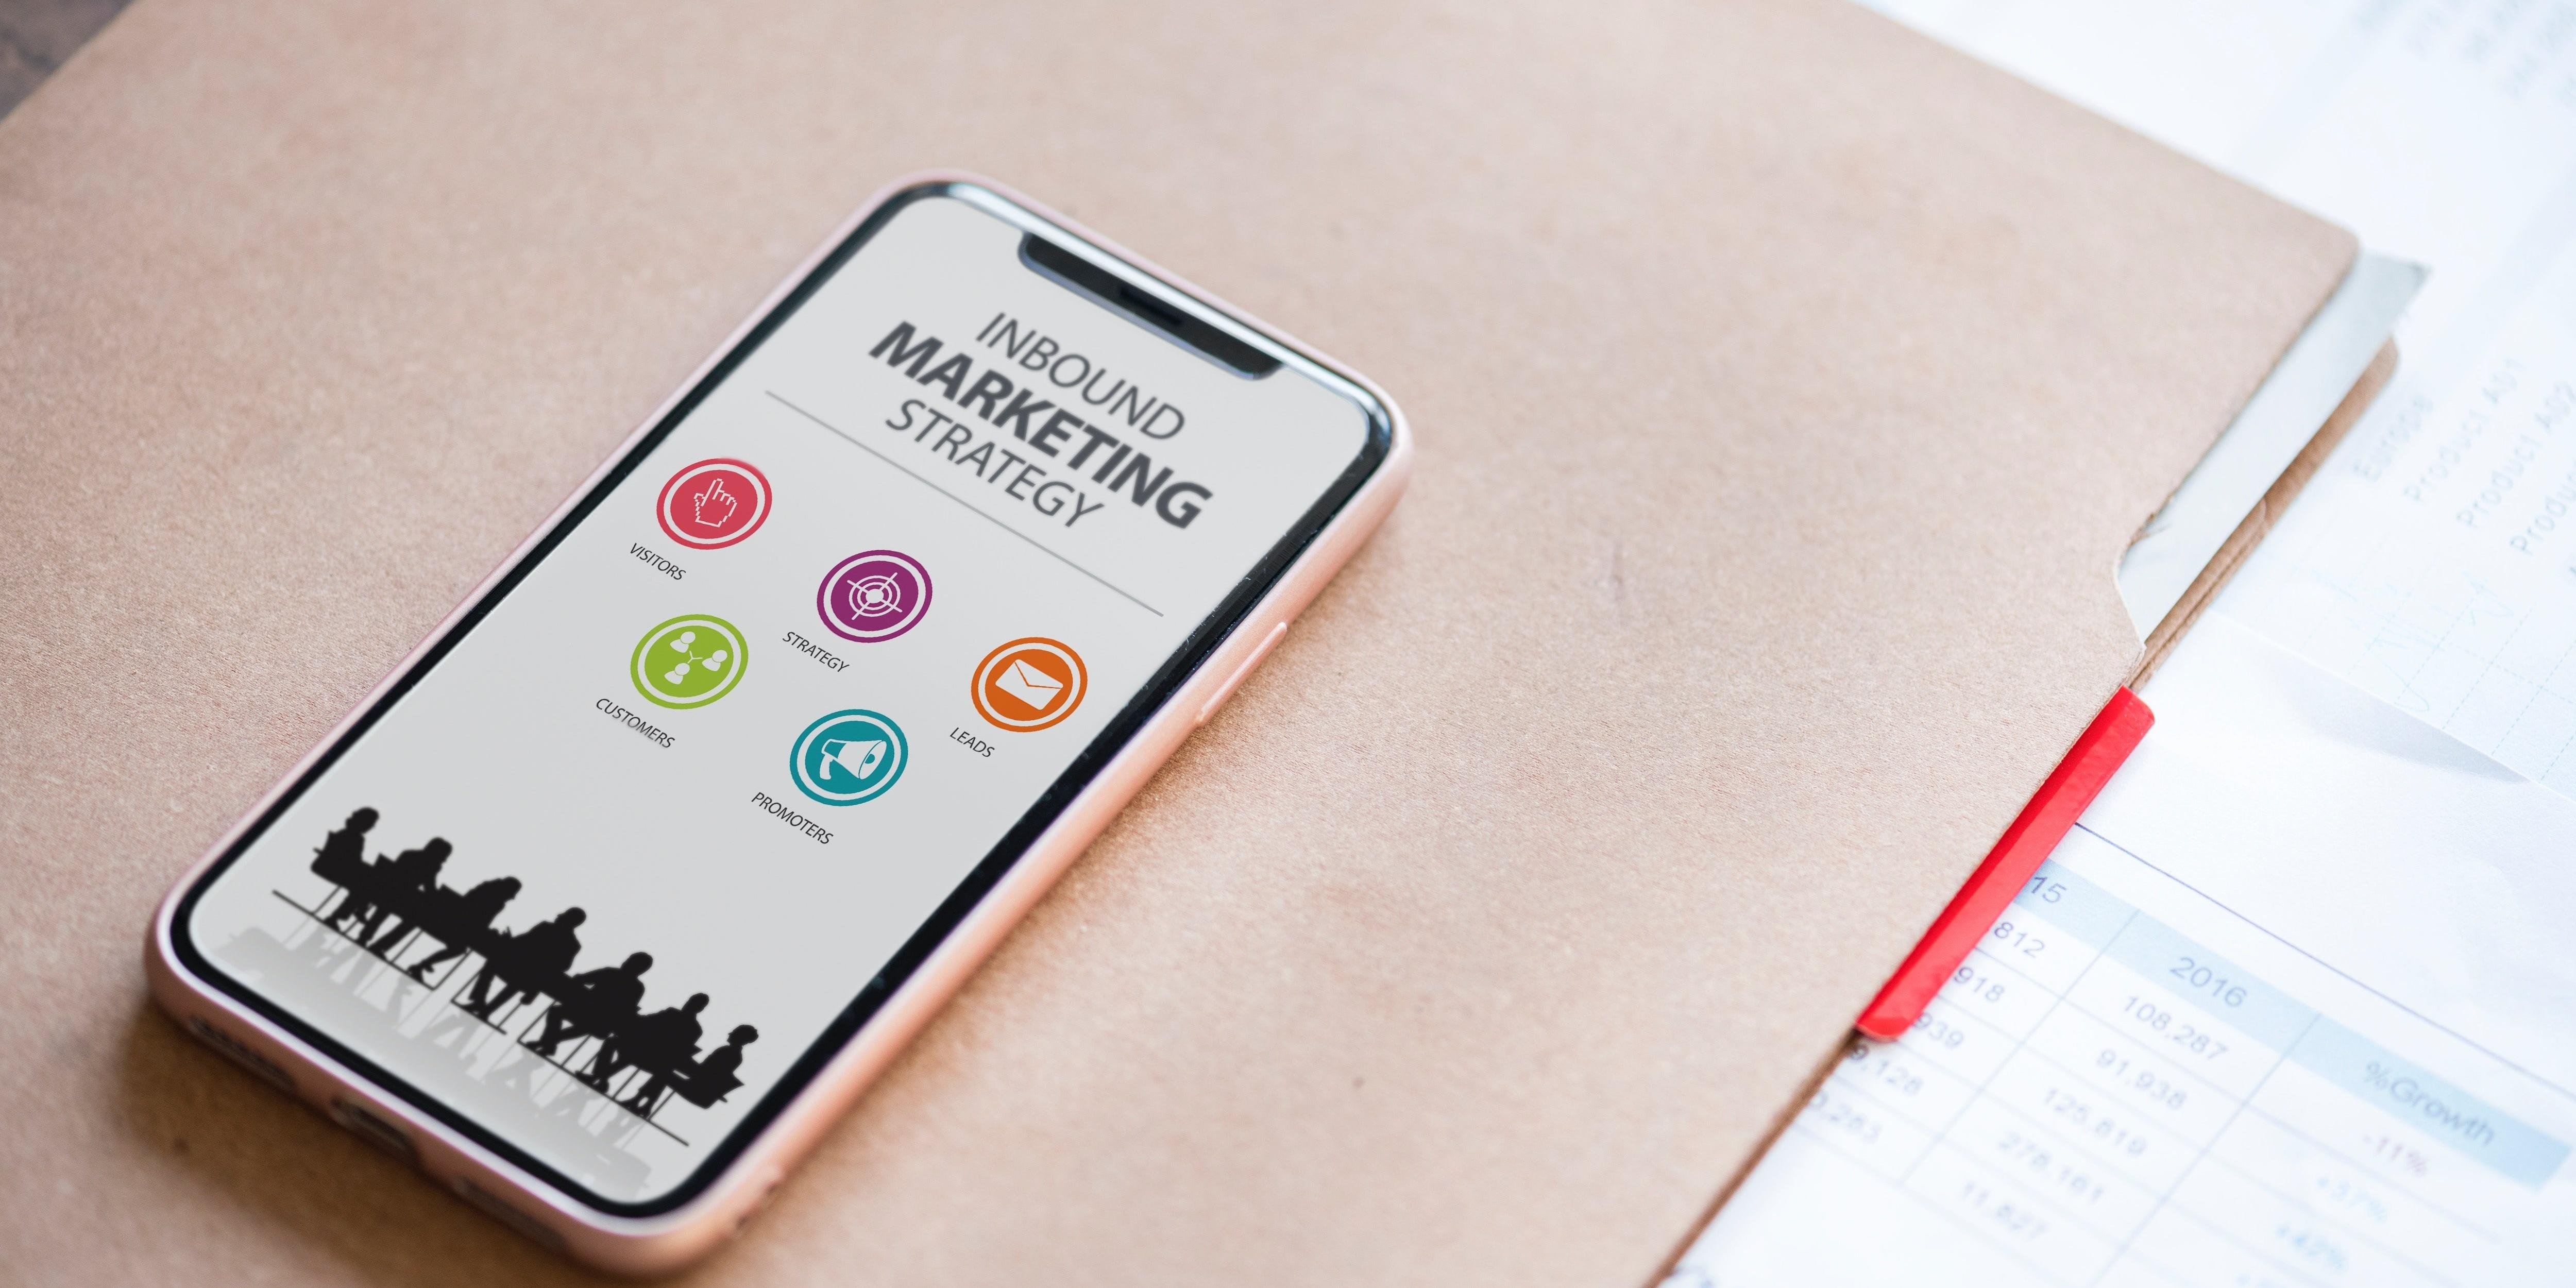 inbound marketing helps build a brand